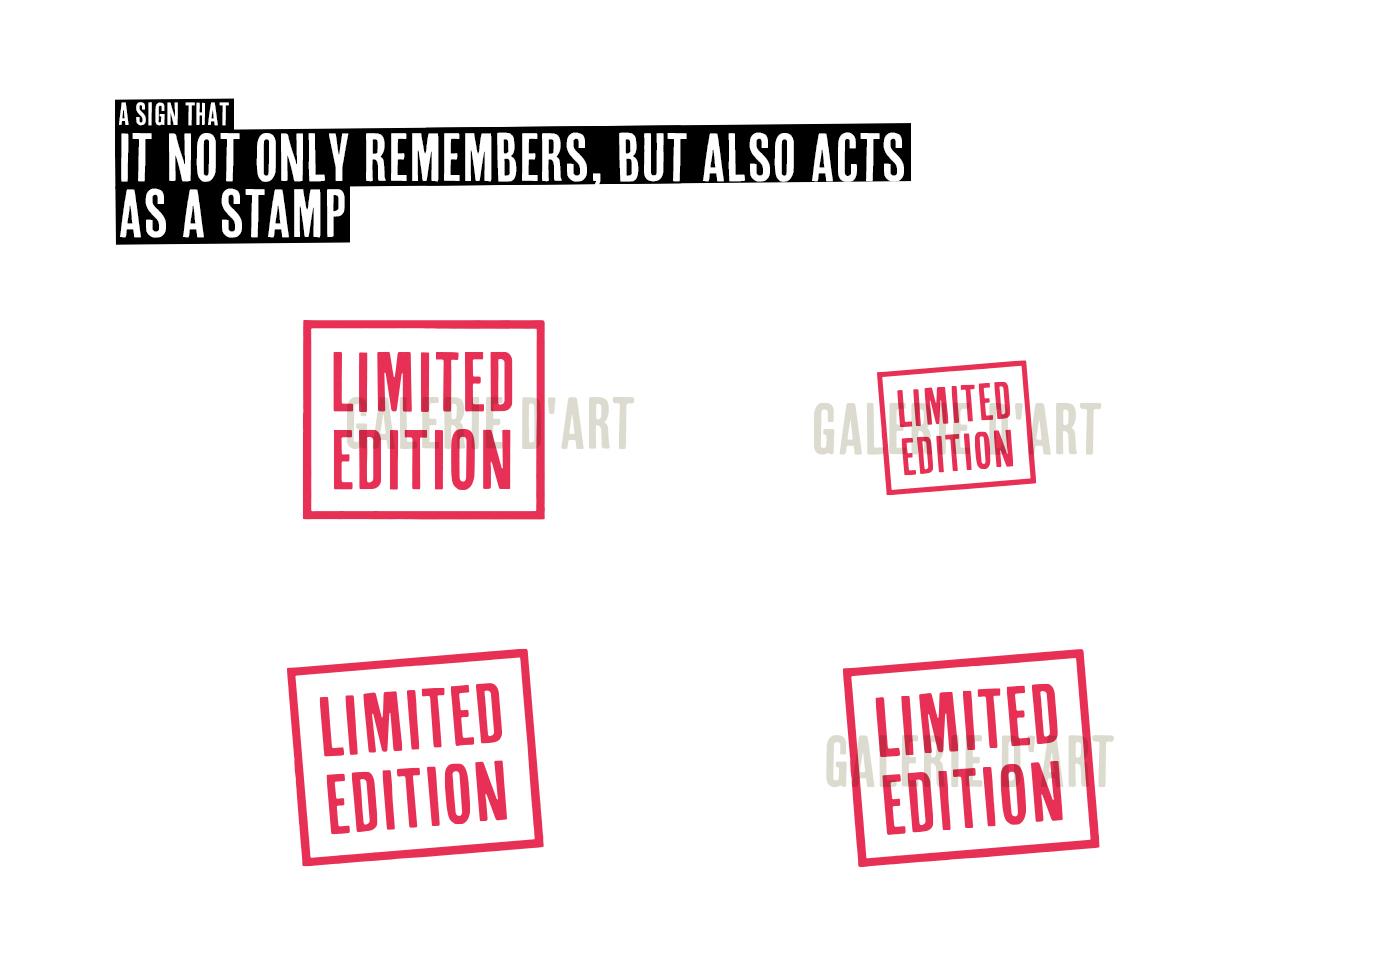 Identyfikacja wizualna galerii sztuki Limited Edition  - koncepcja logo